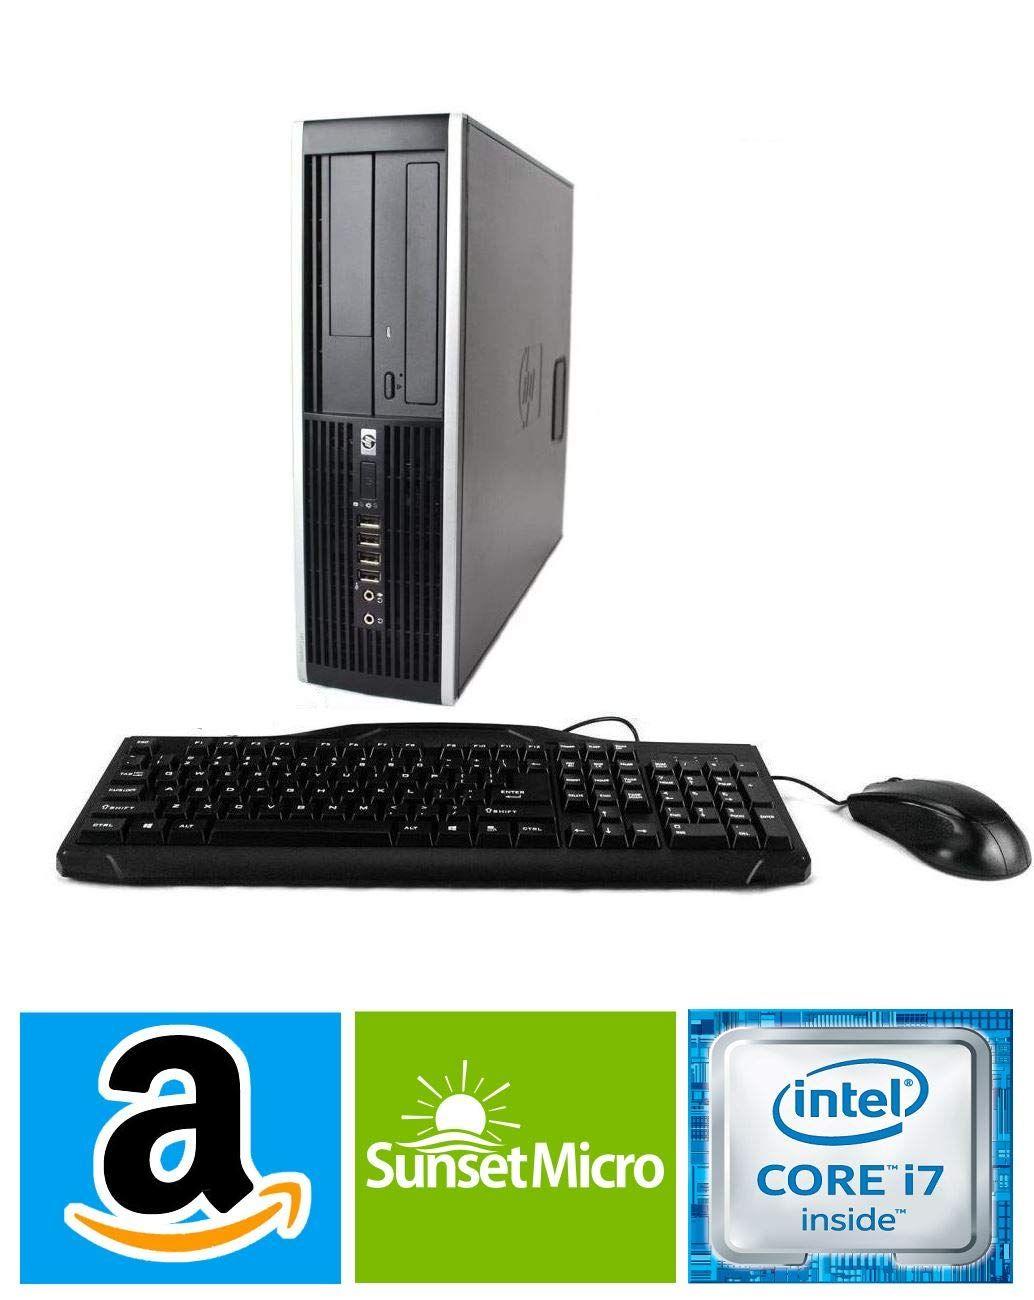 Hp Elite 8300 Sff Small Form Factor Business Desktop Computer Intel Quad Core I7 3770 Up To Computer Desktop Computers Compaq